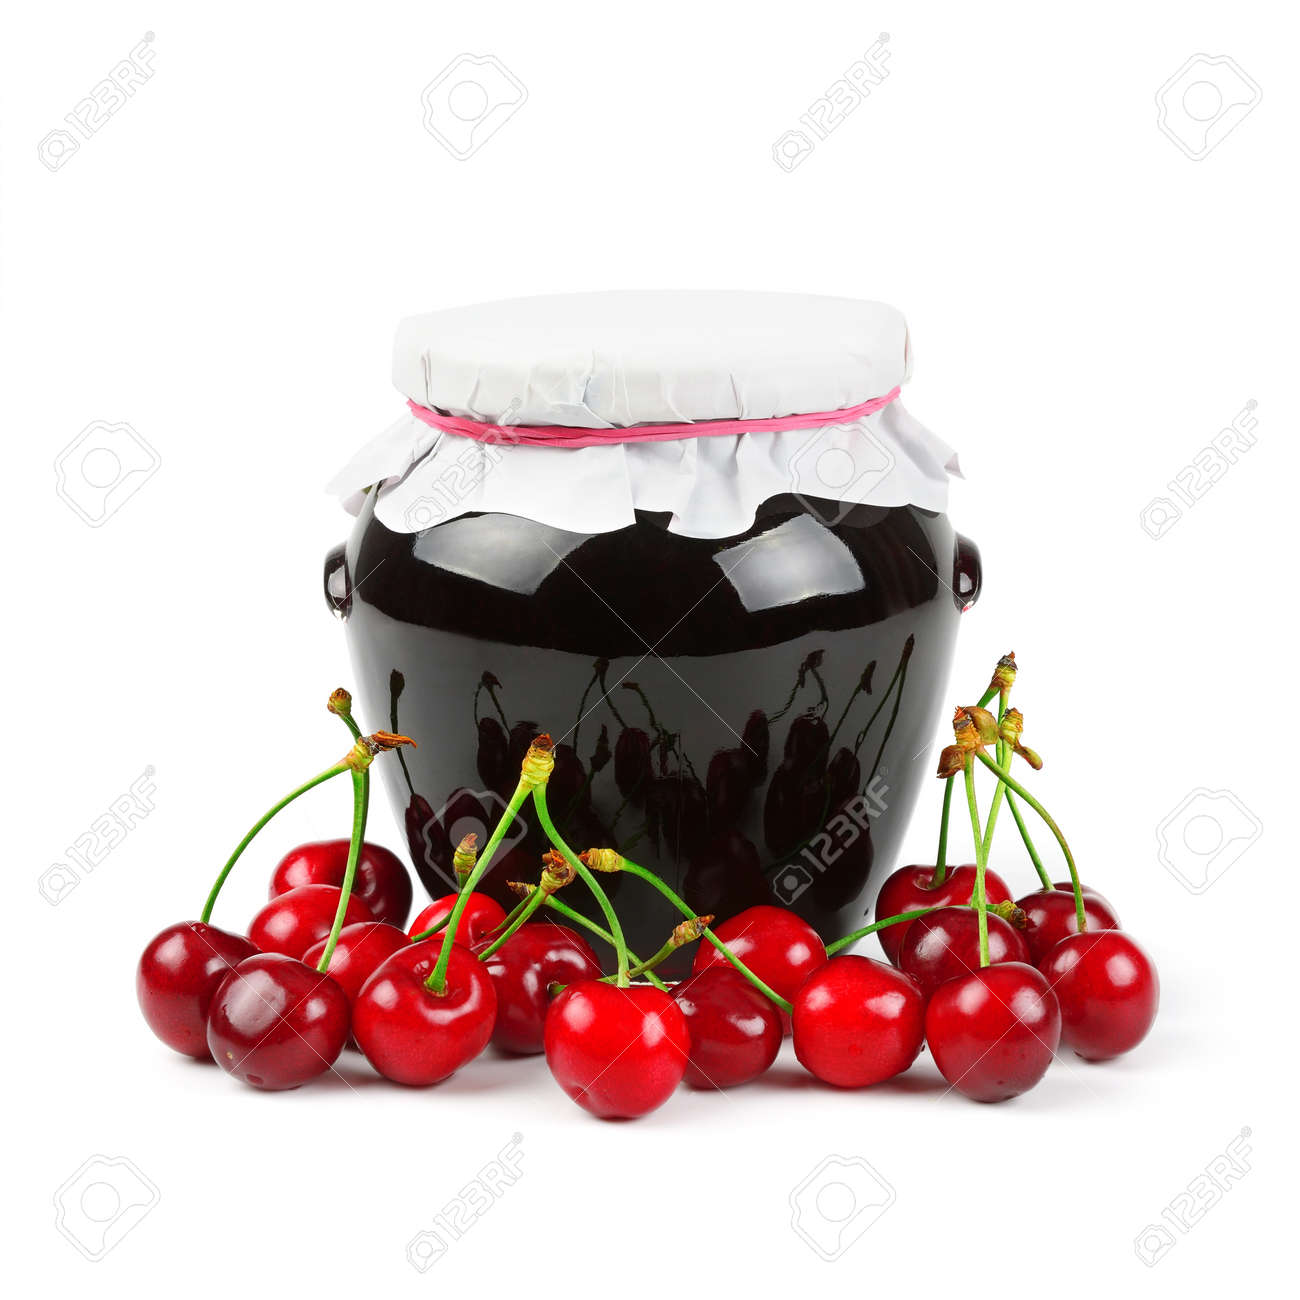 Cherry jam isolated on white background Stock Photo - 13814847